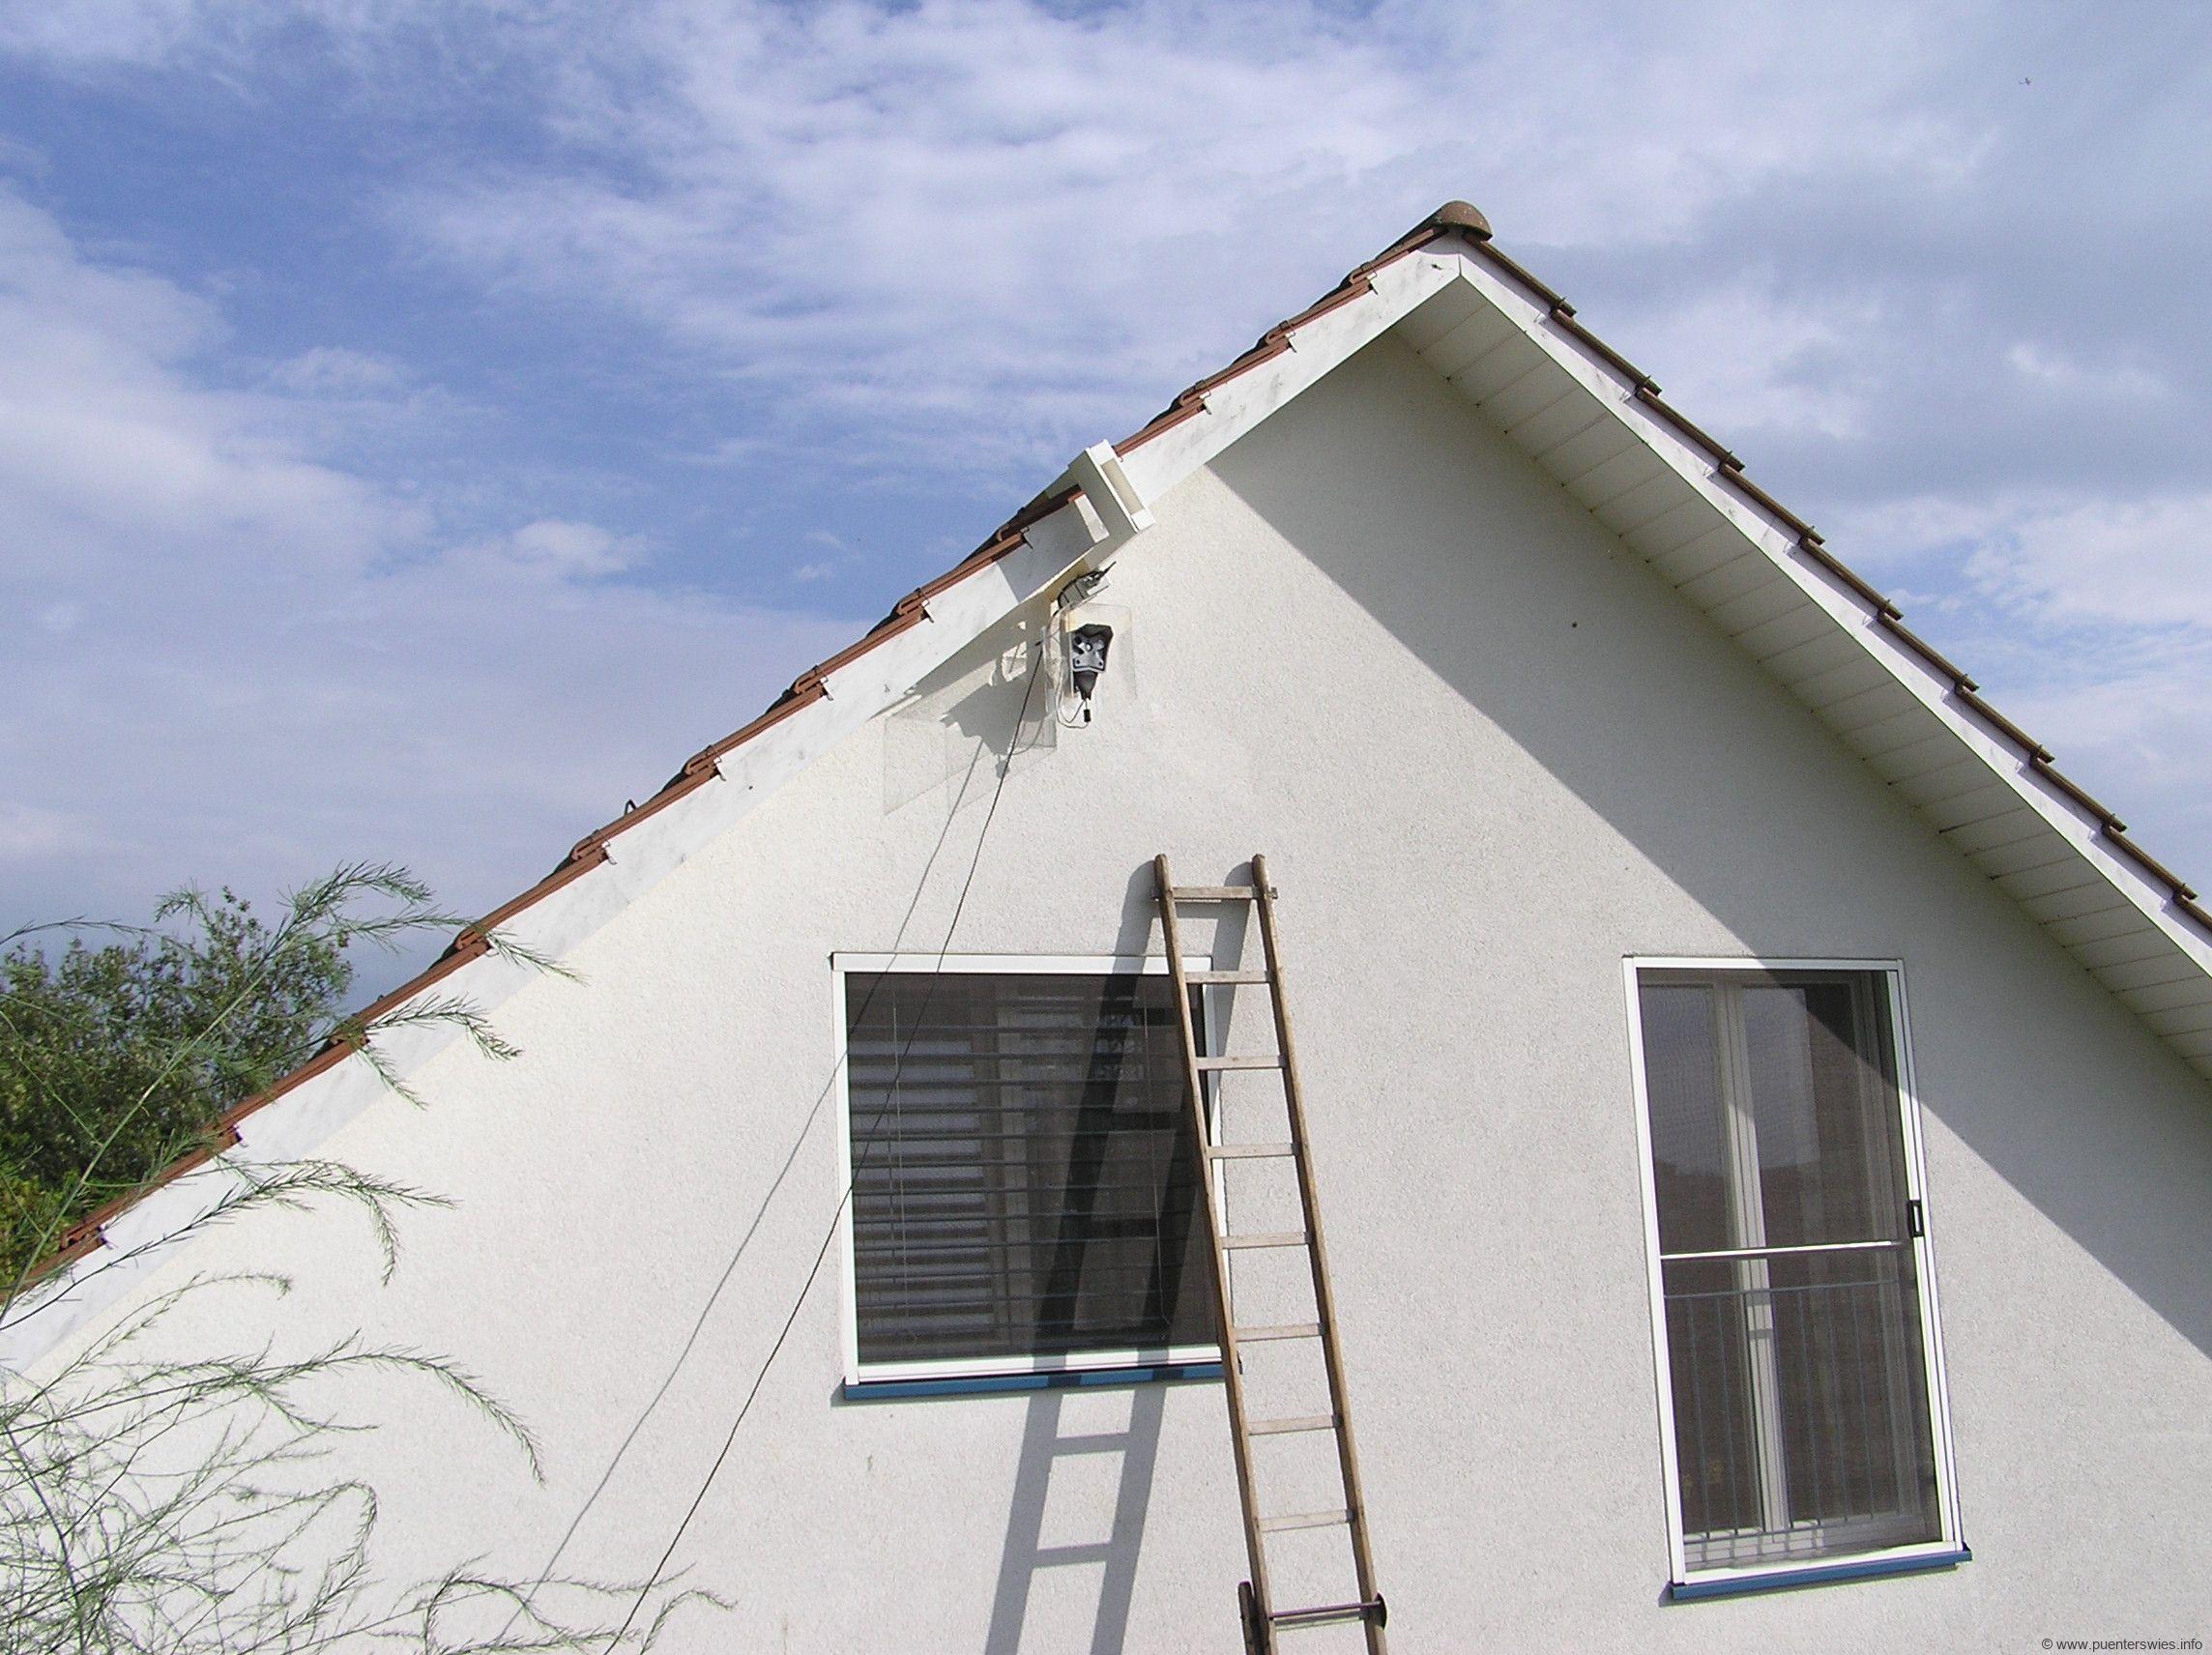 Kamera auf haus – Brandbekämpfung sprinkler system design